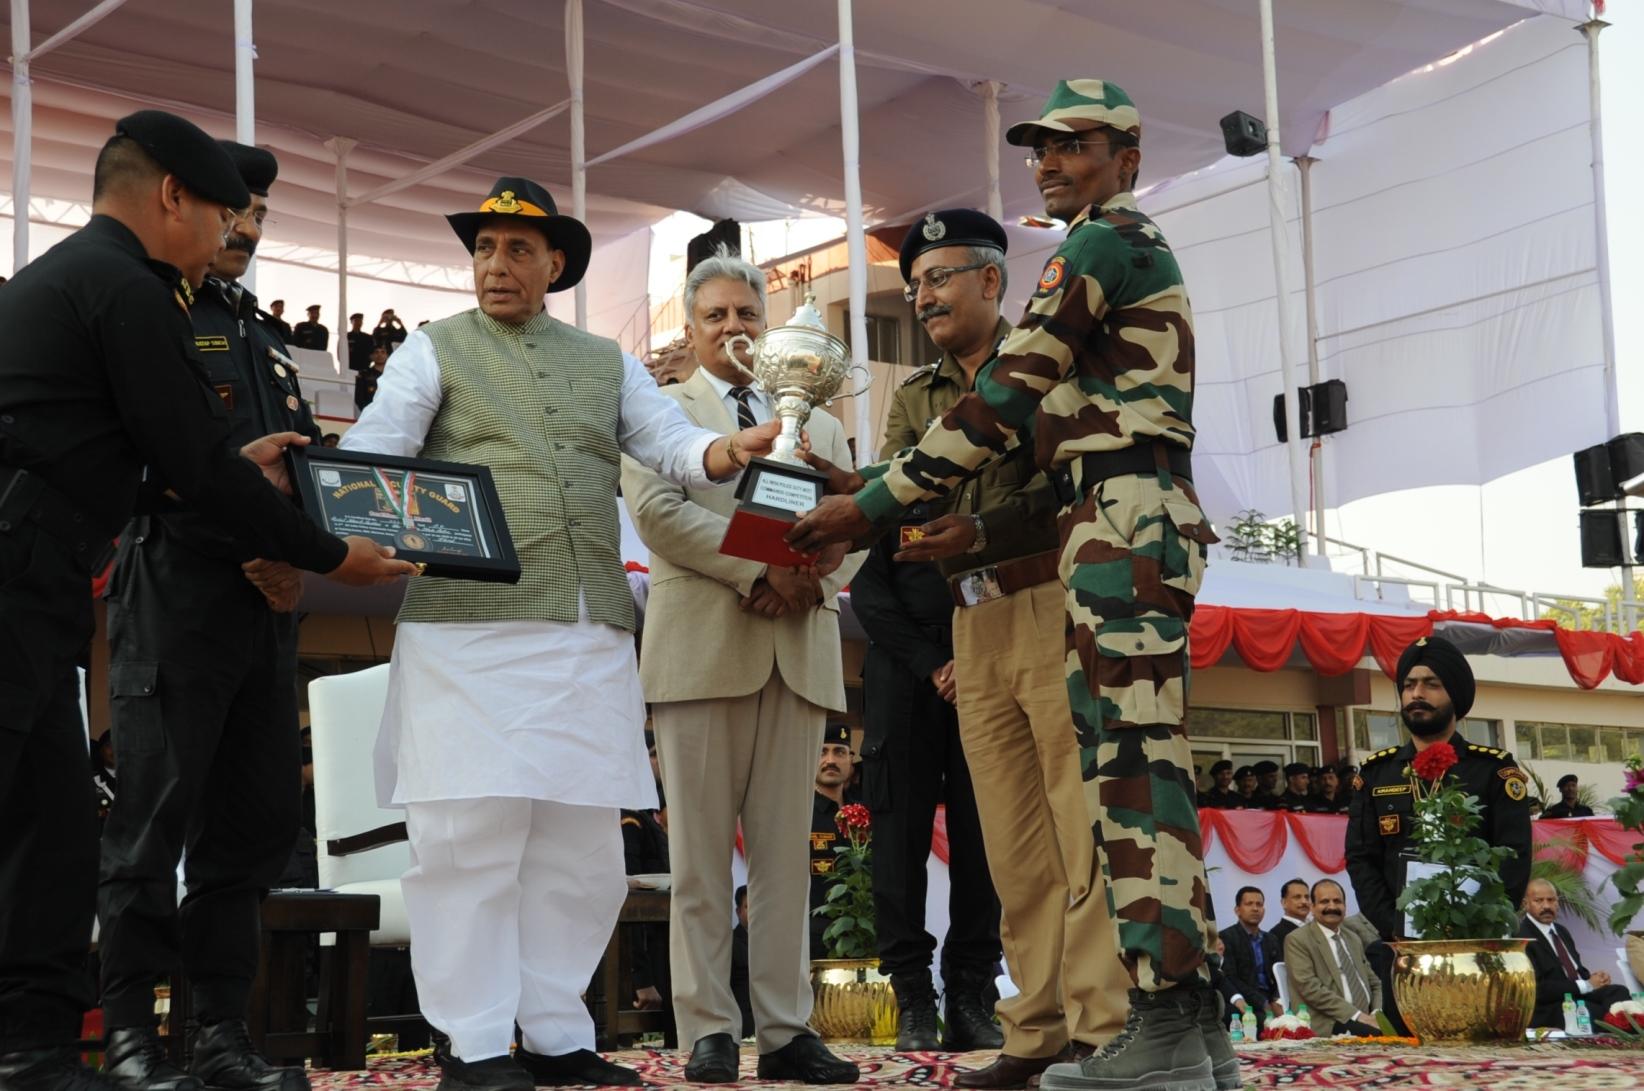 8 वीं अखिल भारतीय पुलिस कमांडो प्रतियोगिता 2018 समापन समारोह